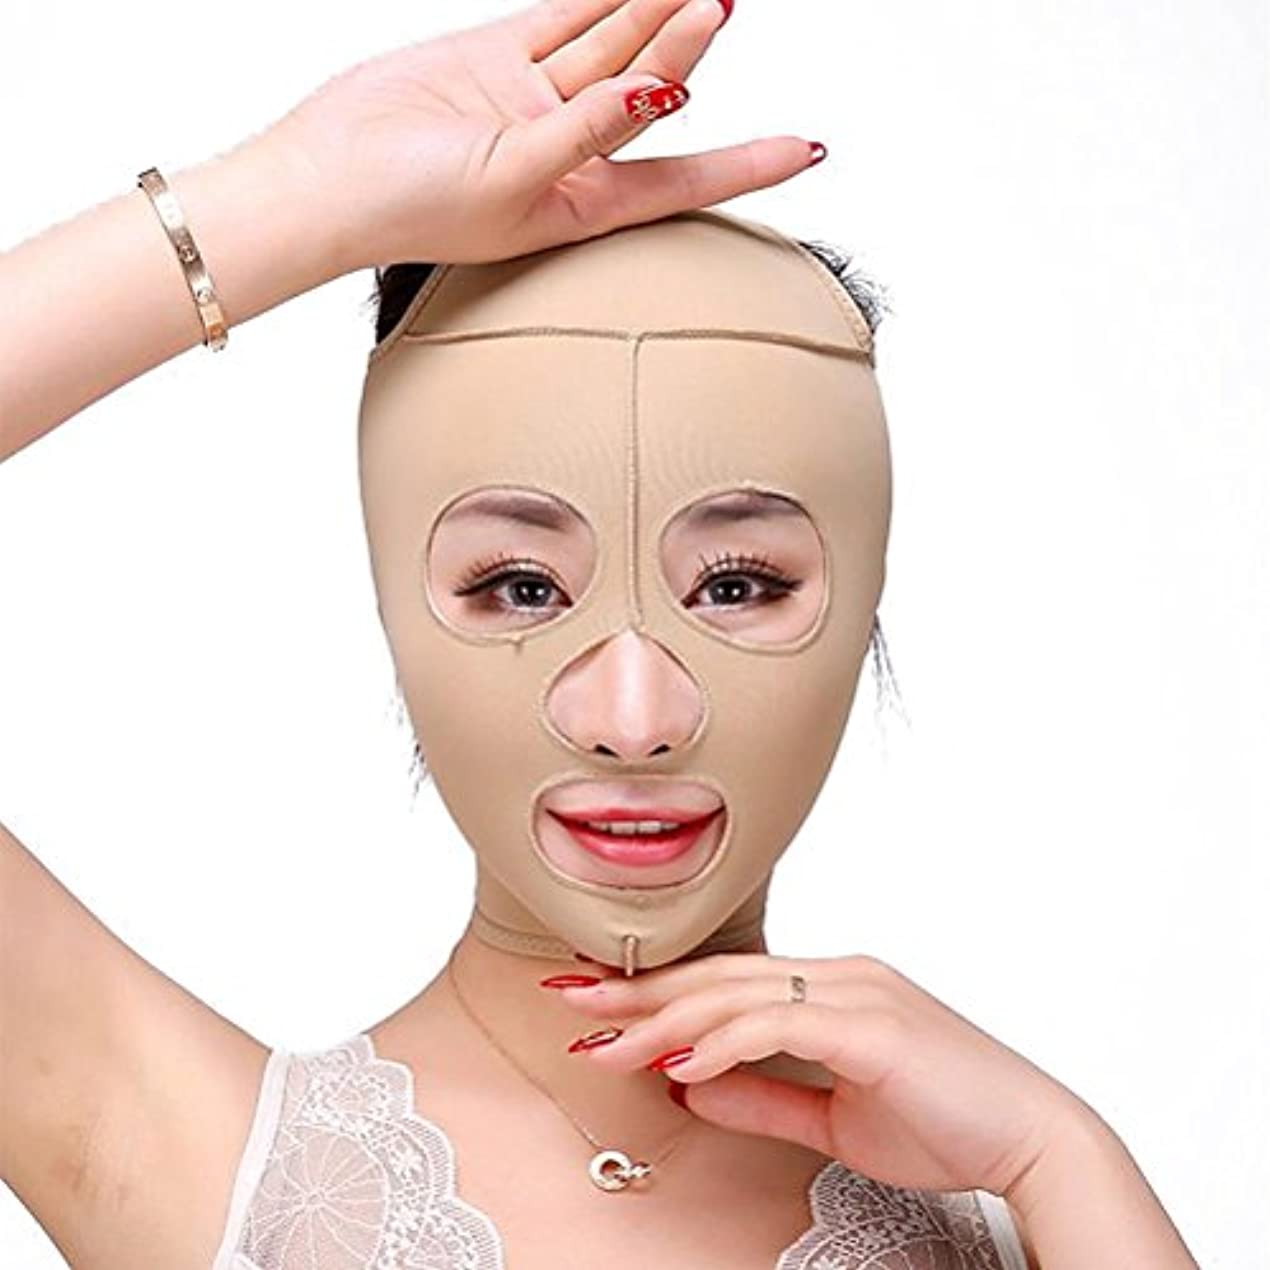 暖かさラバテラスBeaupretty スリムフェイスマスク弾性肌色包帯リフトアップチン痩身Vフェイスシェイパー